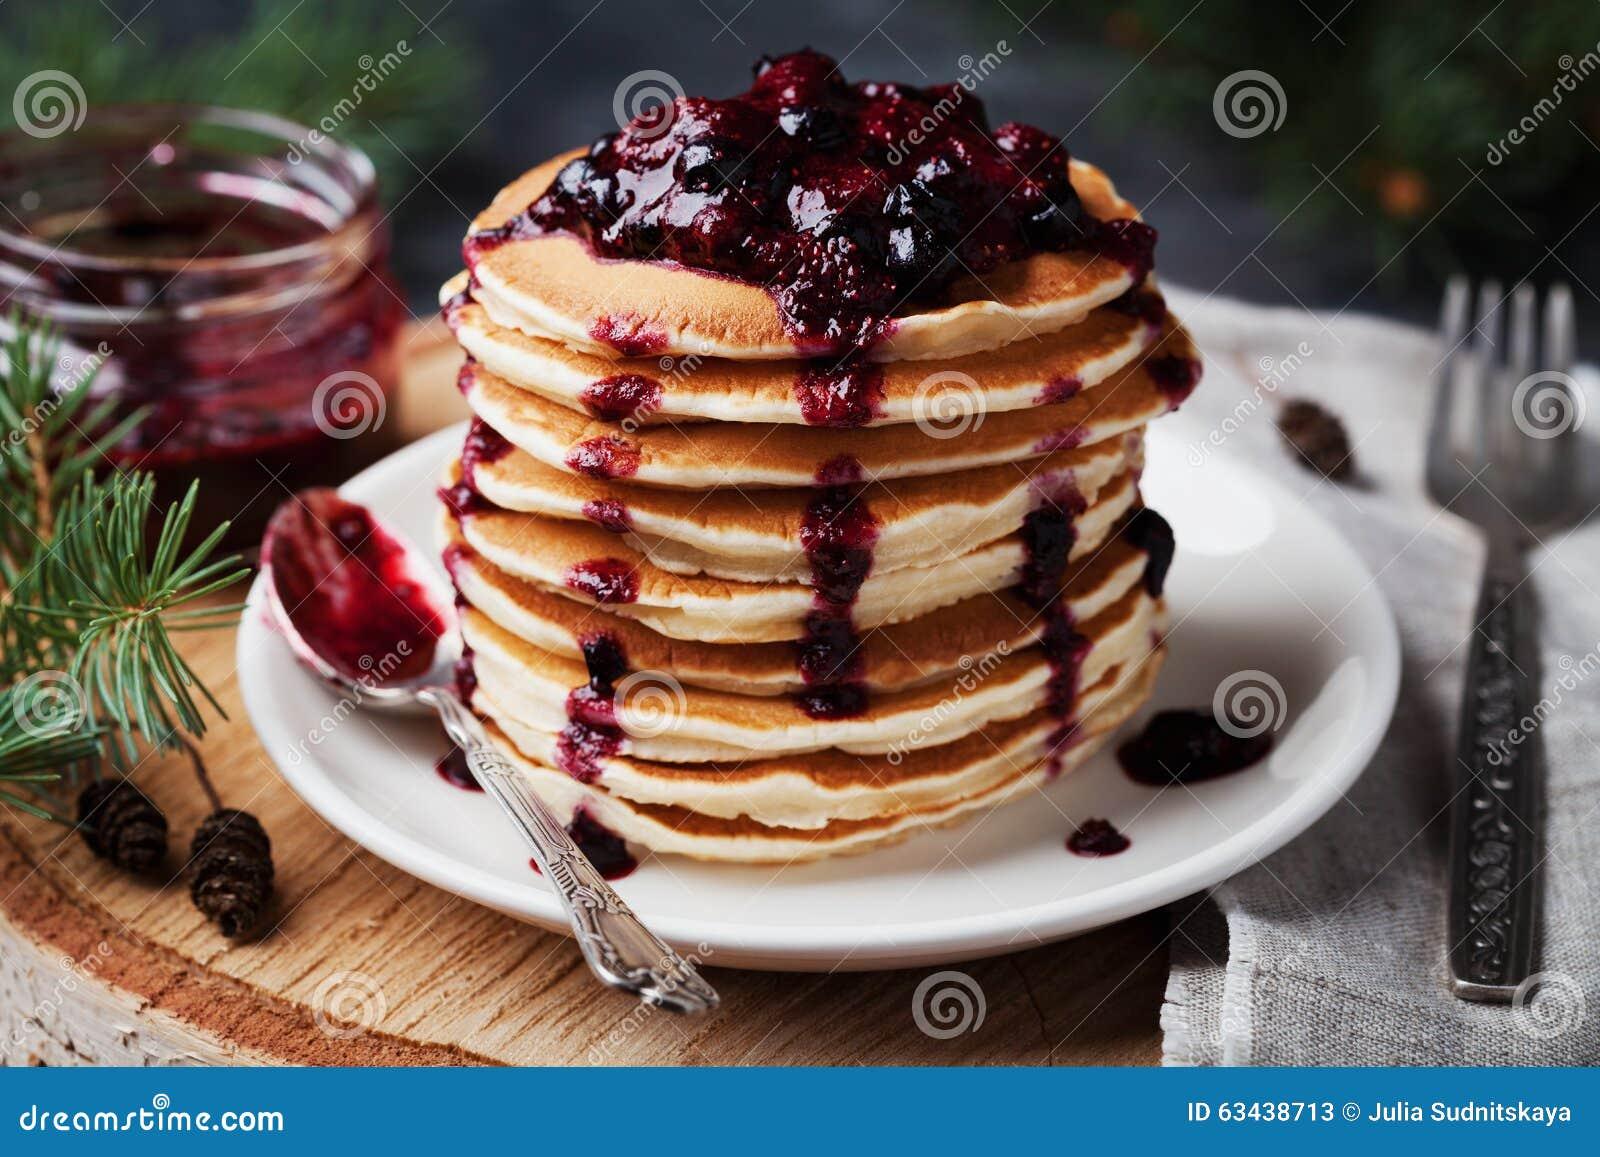 Stapel Amerikanische Pfannkuchen Oder Stuckchen Mit Erdbeere Und